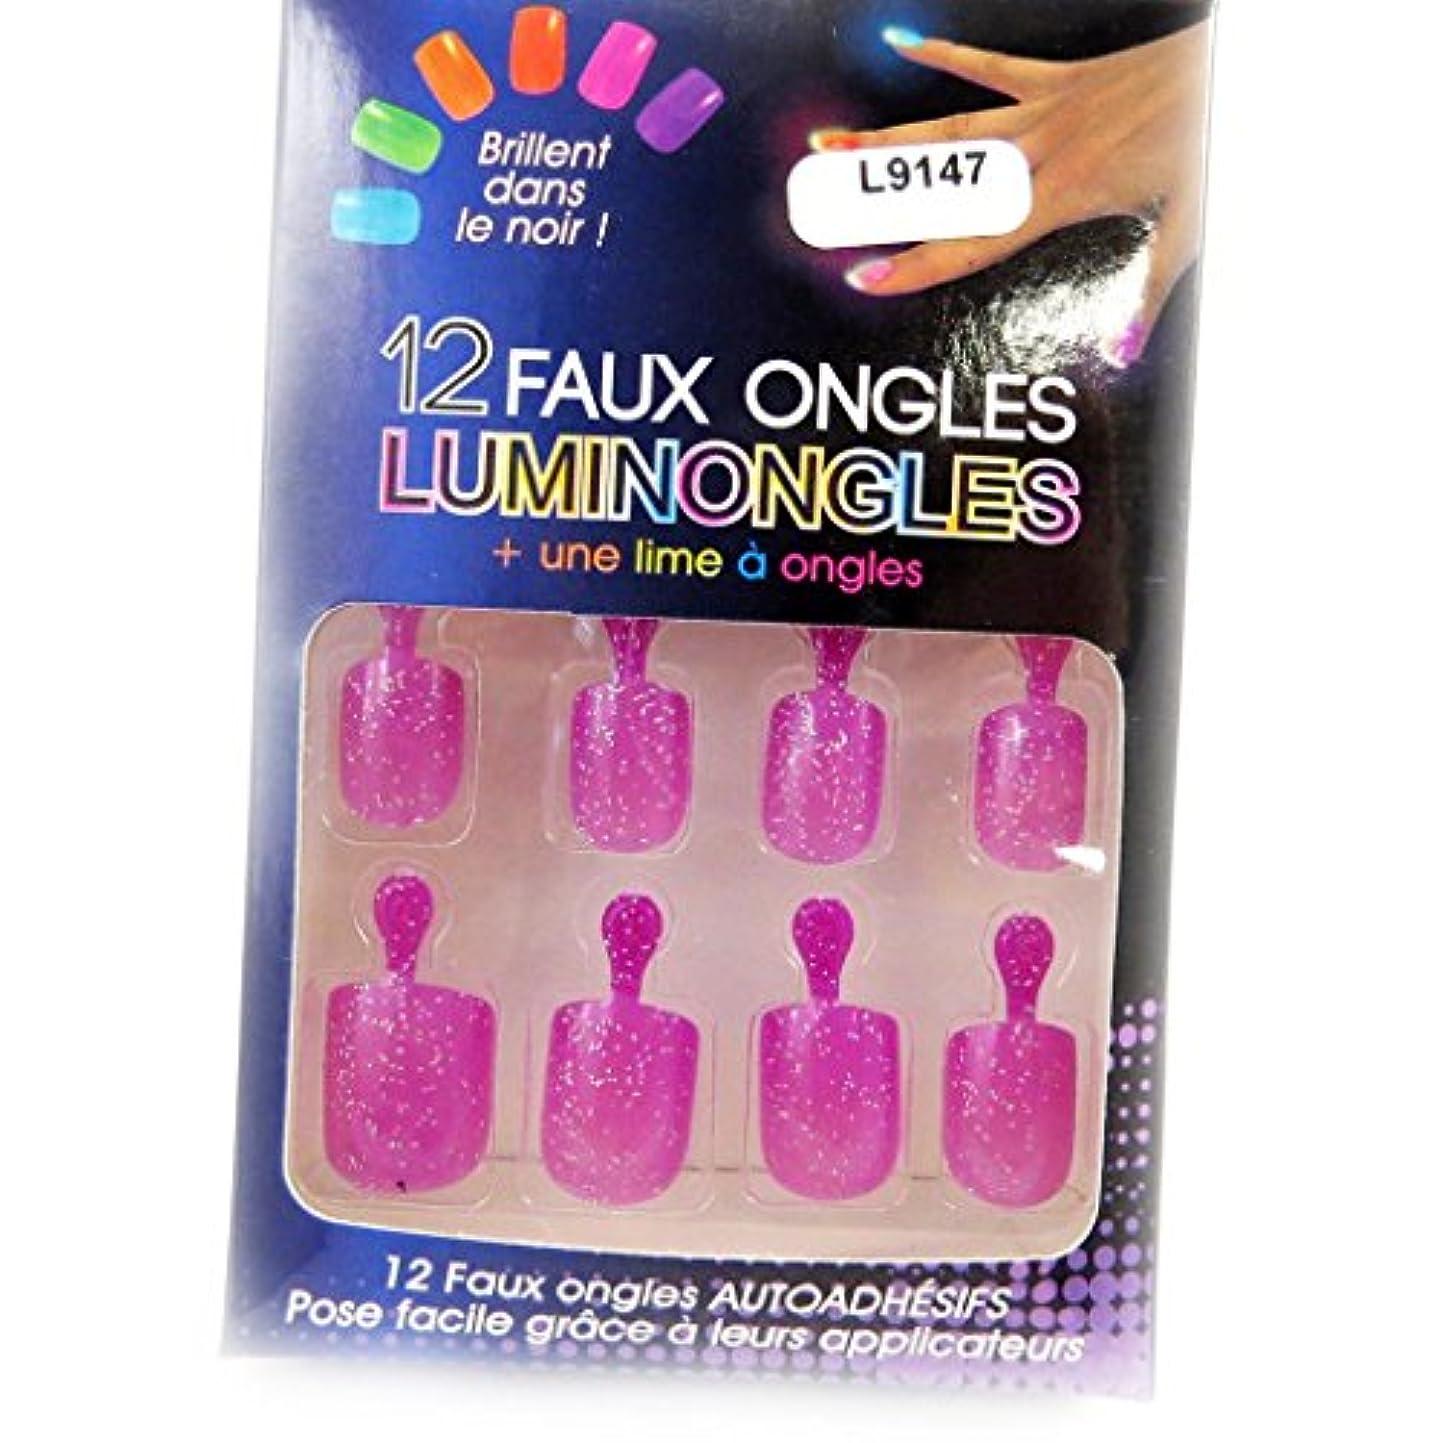 有害な分配します勢い[リリーの宝 (Les Tresors De Lily)] (Luminongles コレクション) [L9147] アクリルスカルプチュア ピンク